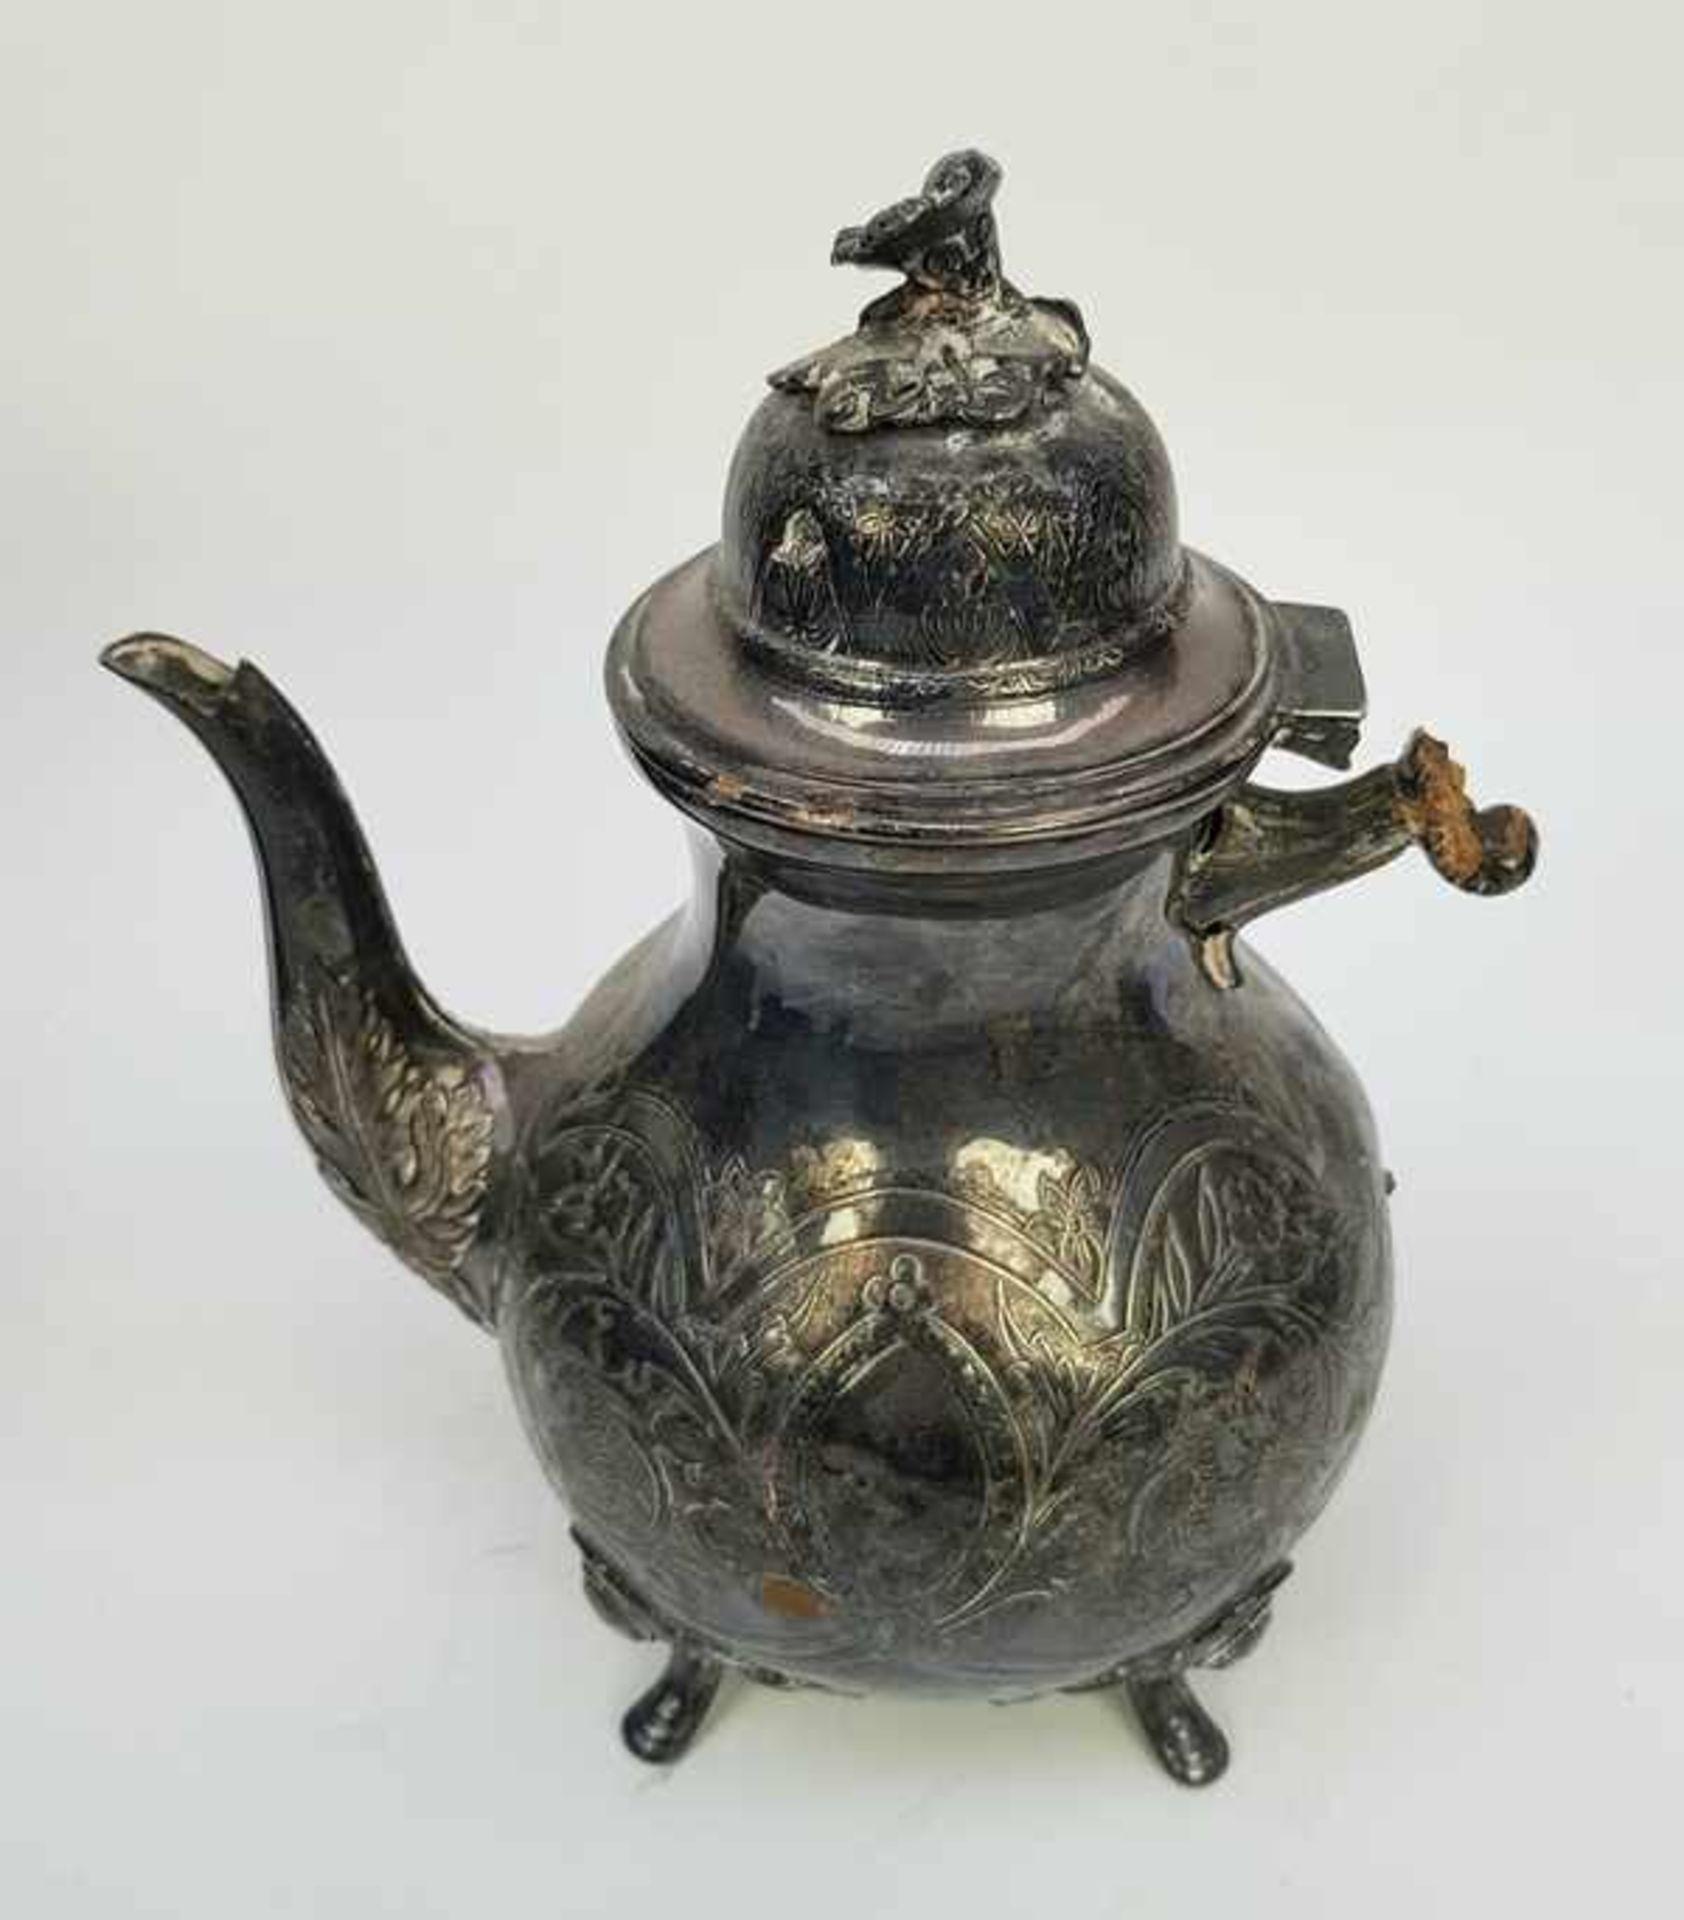 (Antiek) Divers lot thee-en koffiepotten - Bild 7 aus 10